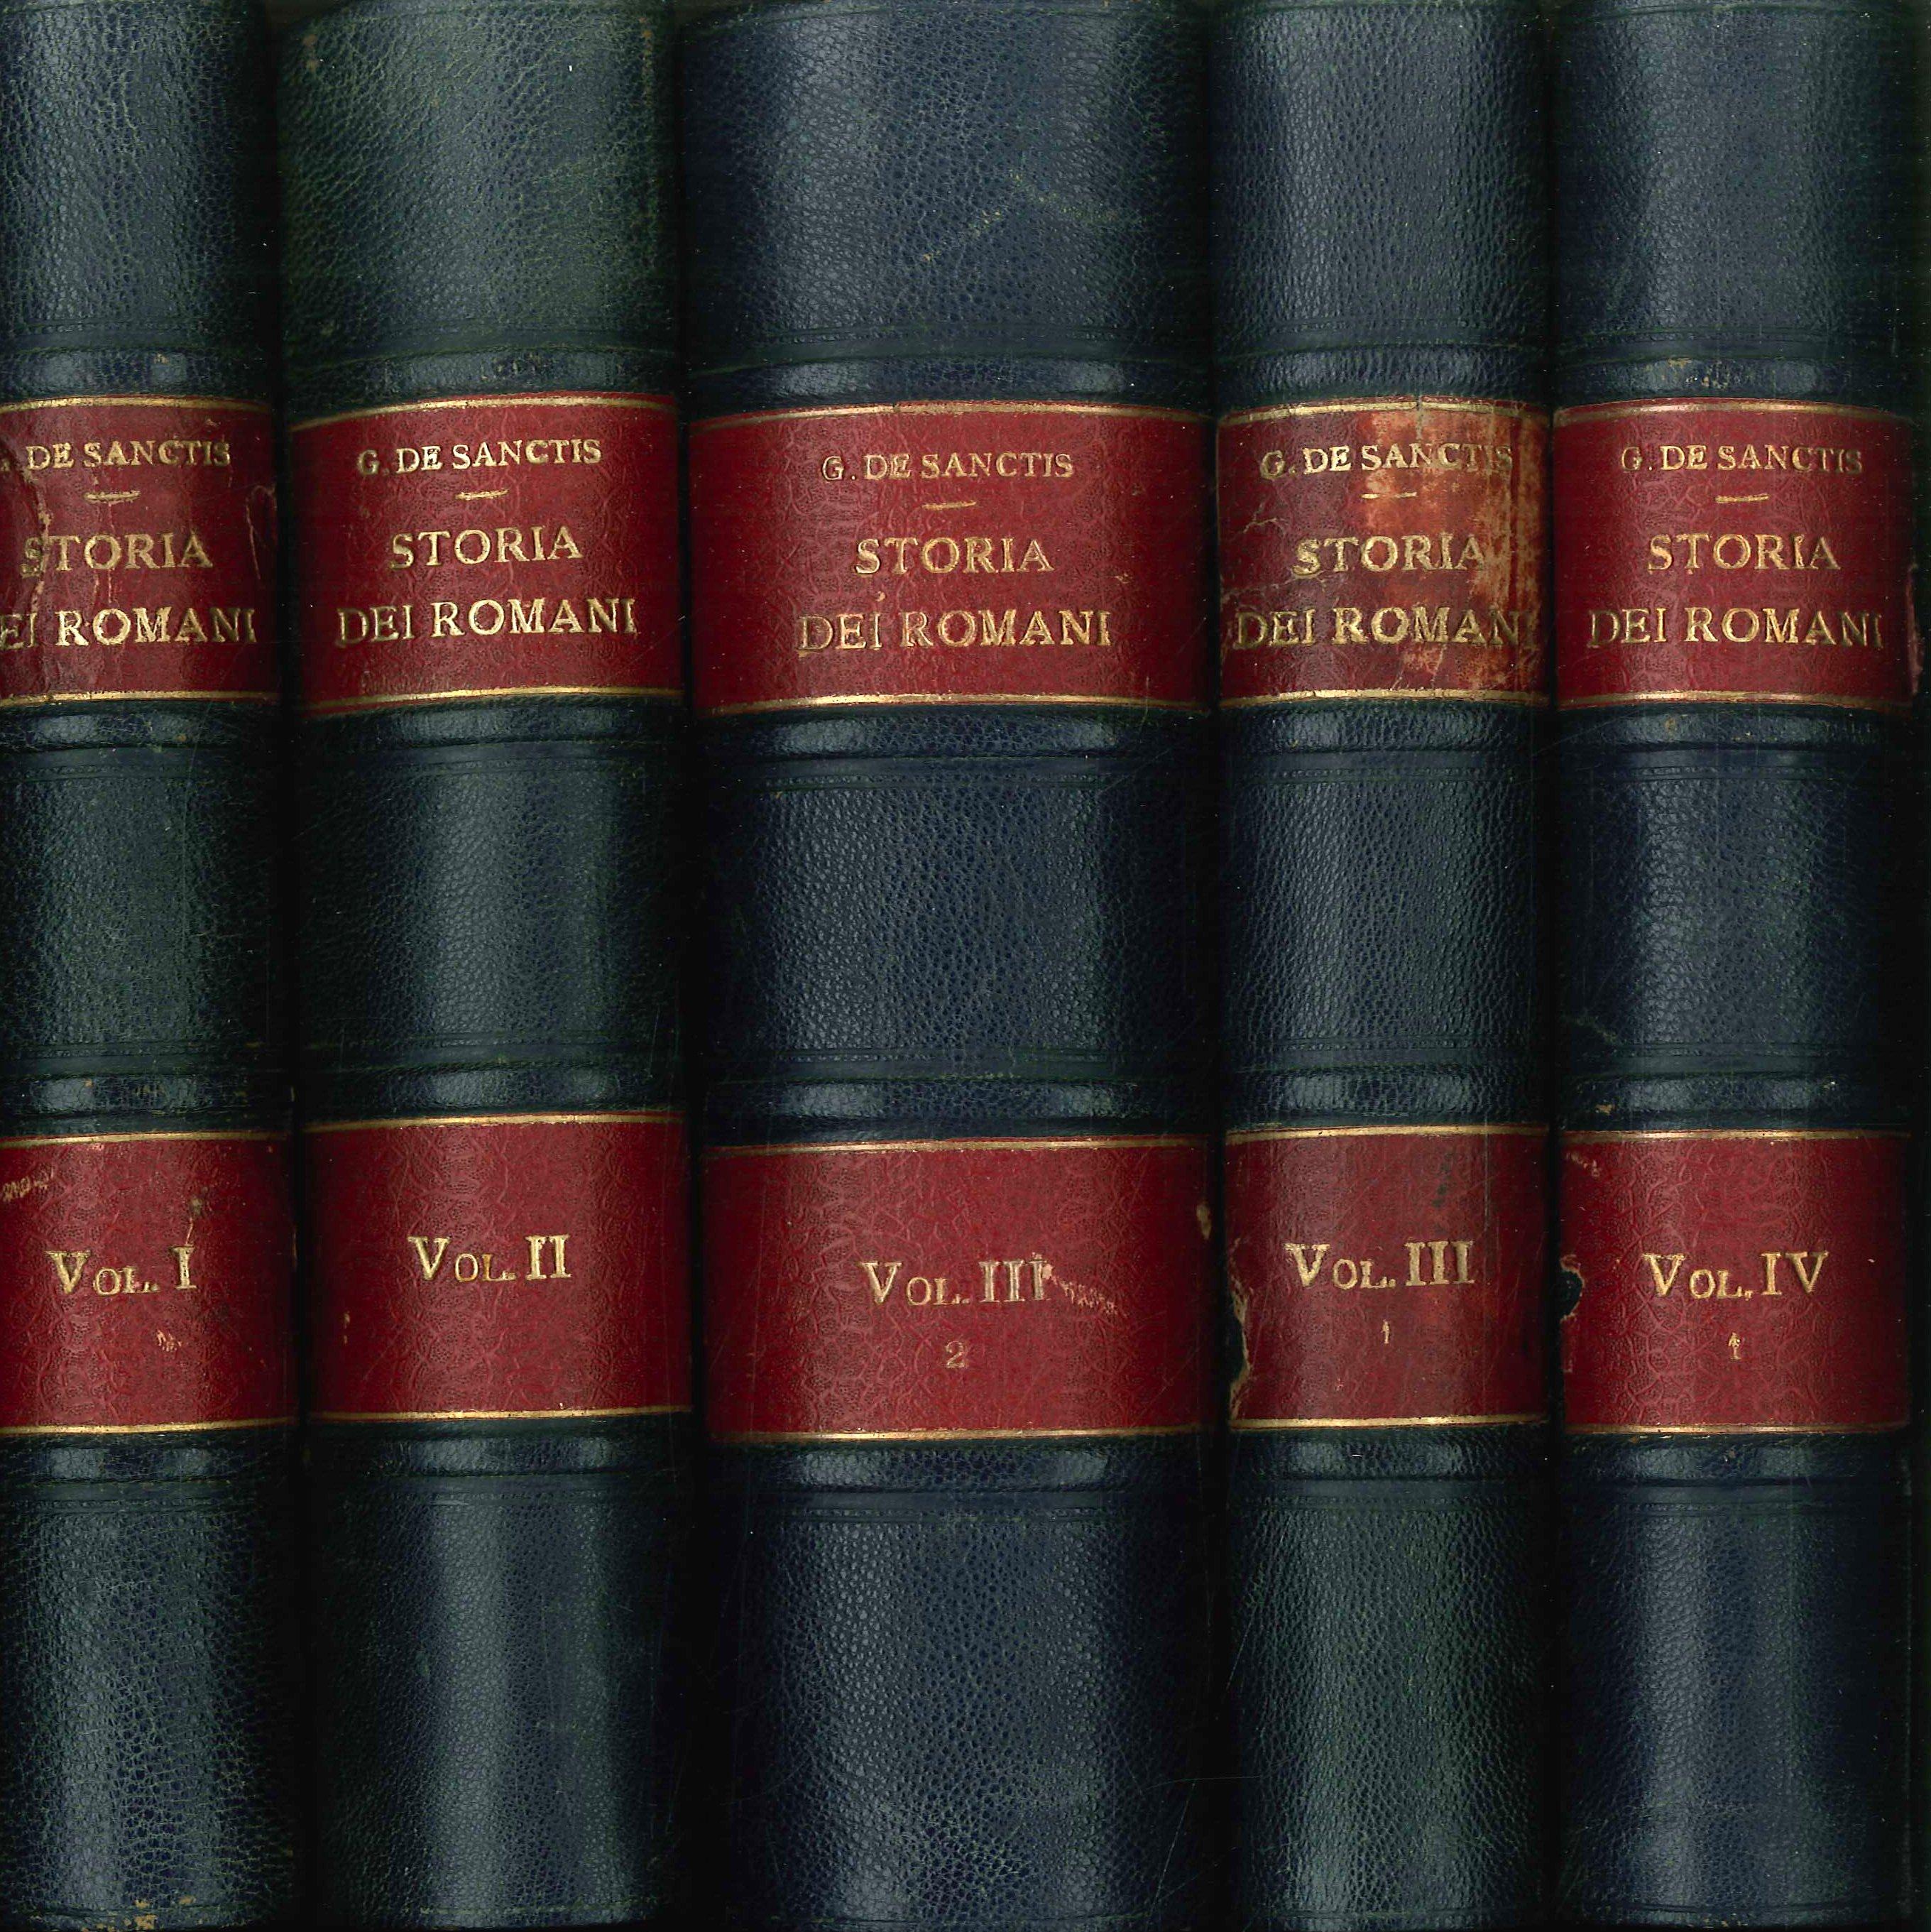 Storia dei Romani. 4 Volumi. 5 tomi. [Opera incompleta]